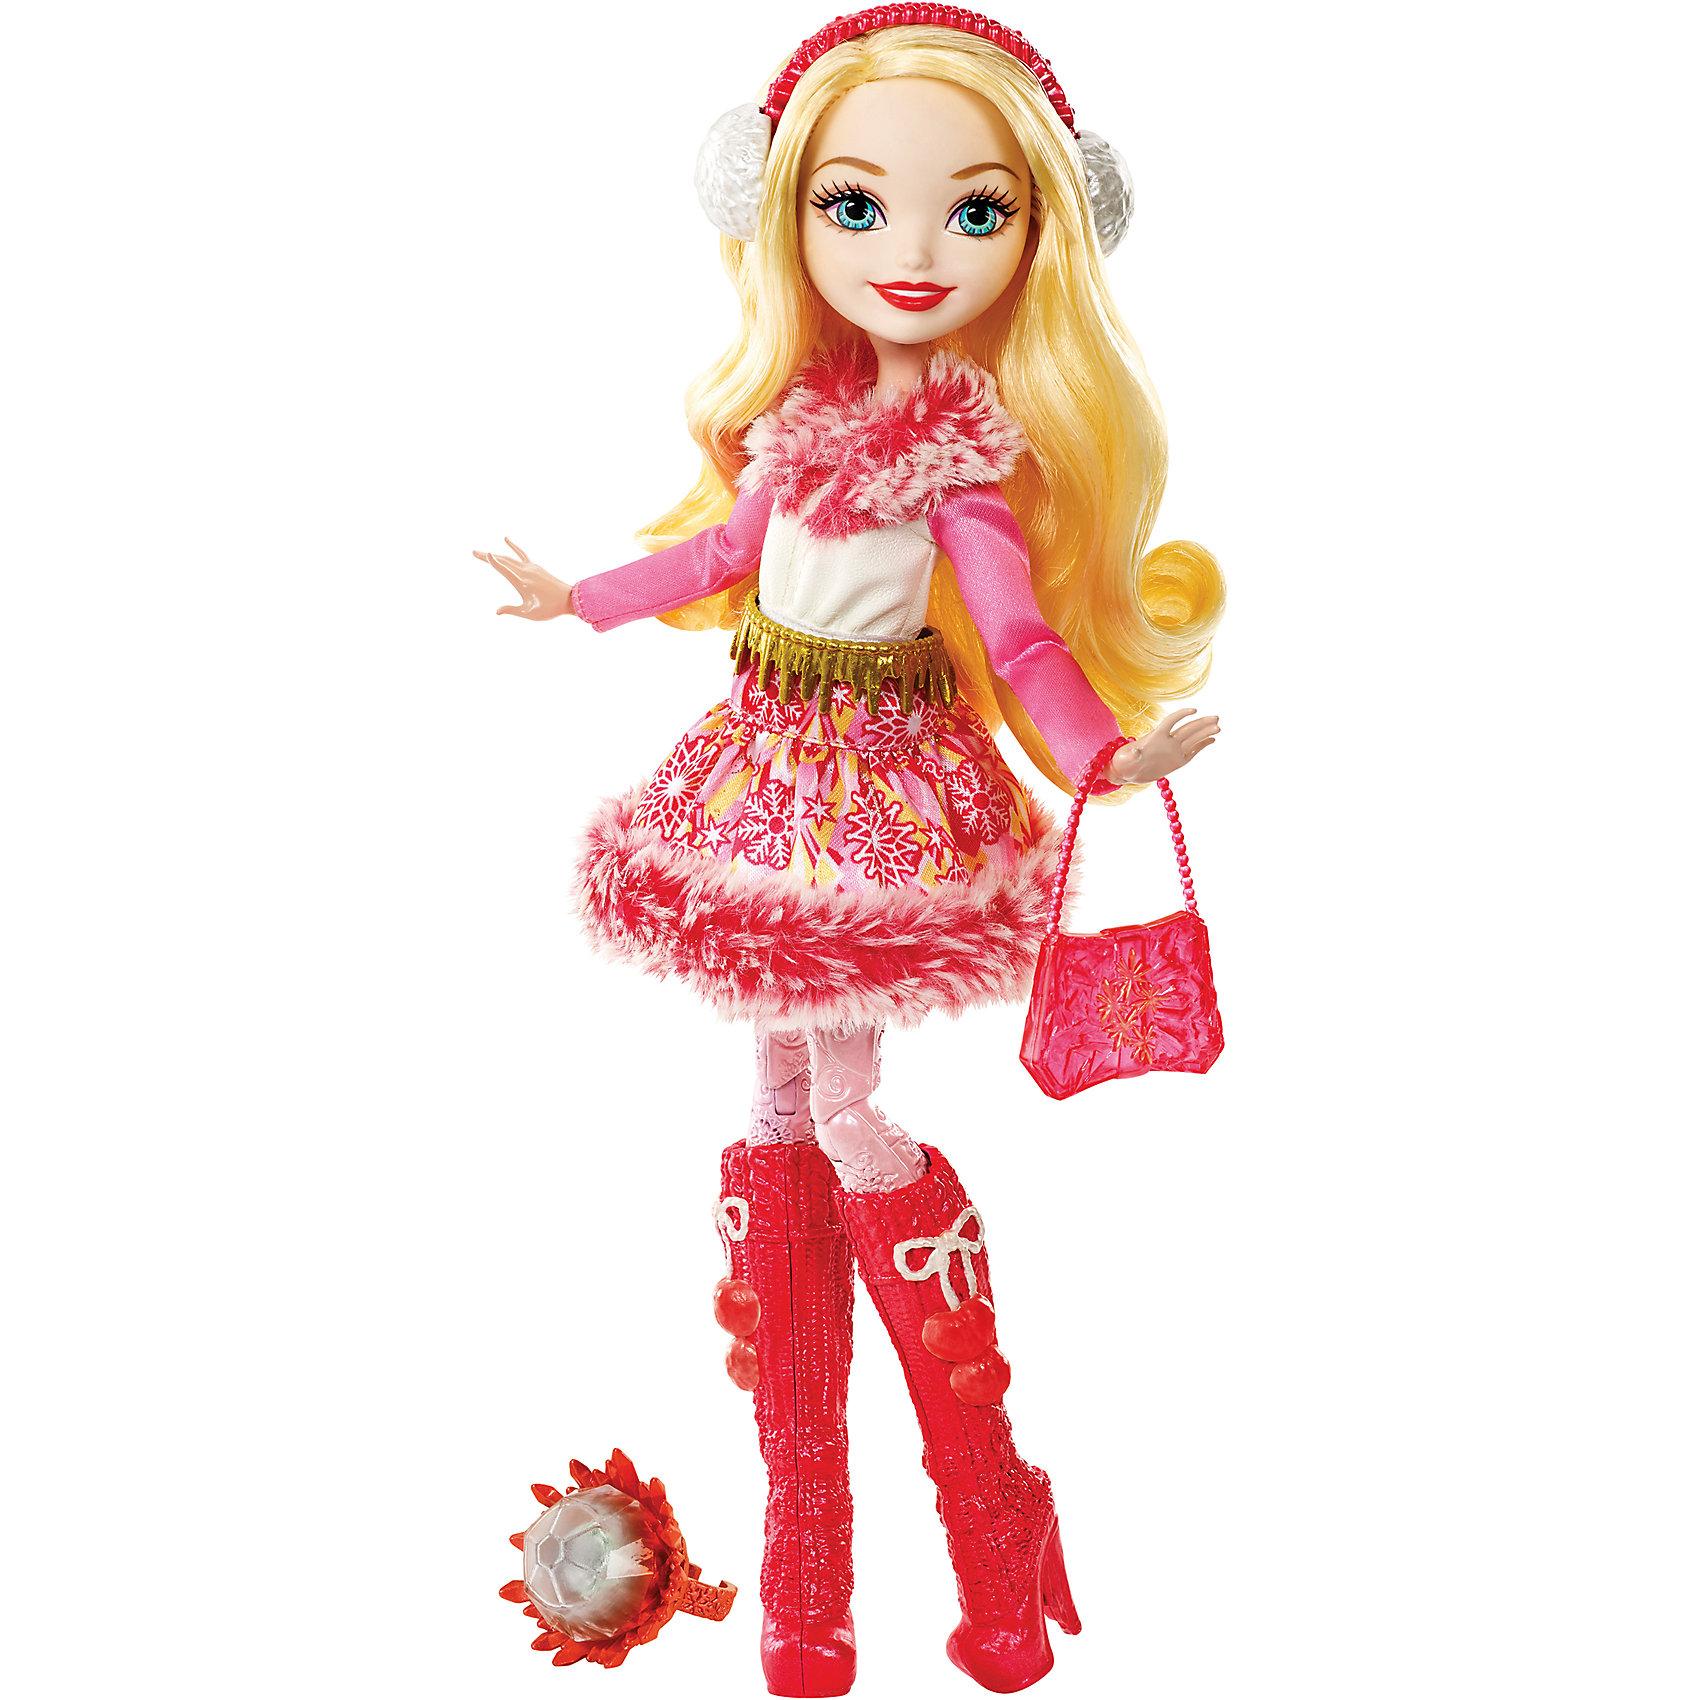 Mattel Кукла из коллекции Заколдованная зима, Ever After High mattel кукла браер бьюти из коллекции заколдованная зима ever after high